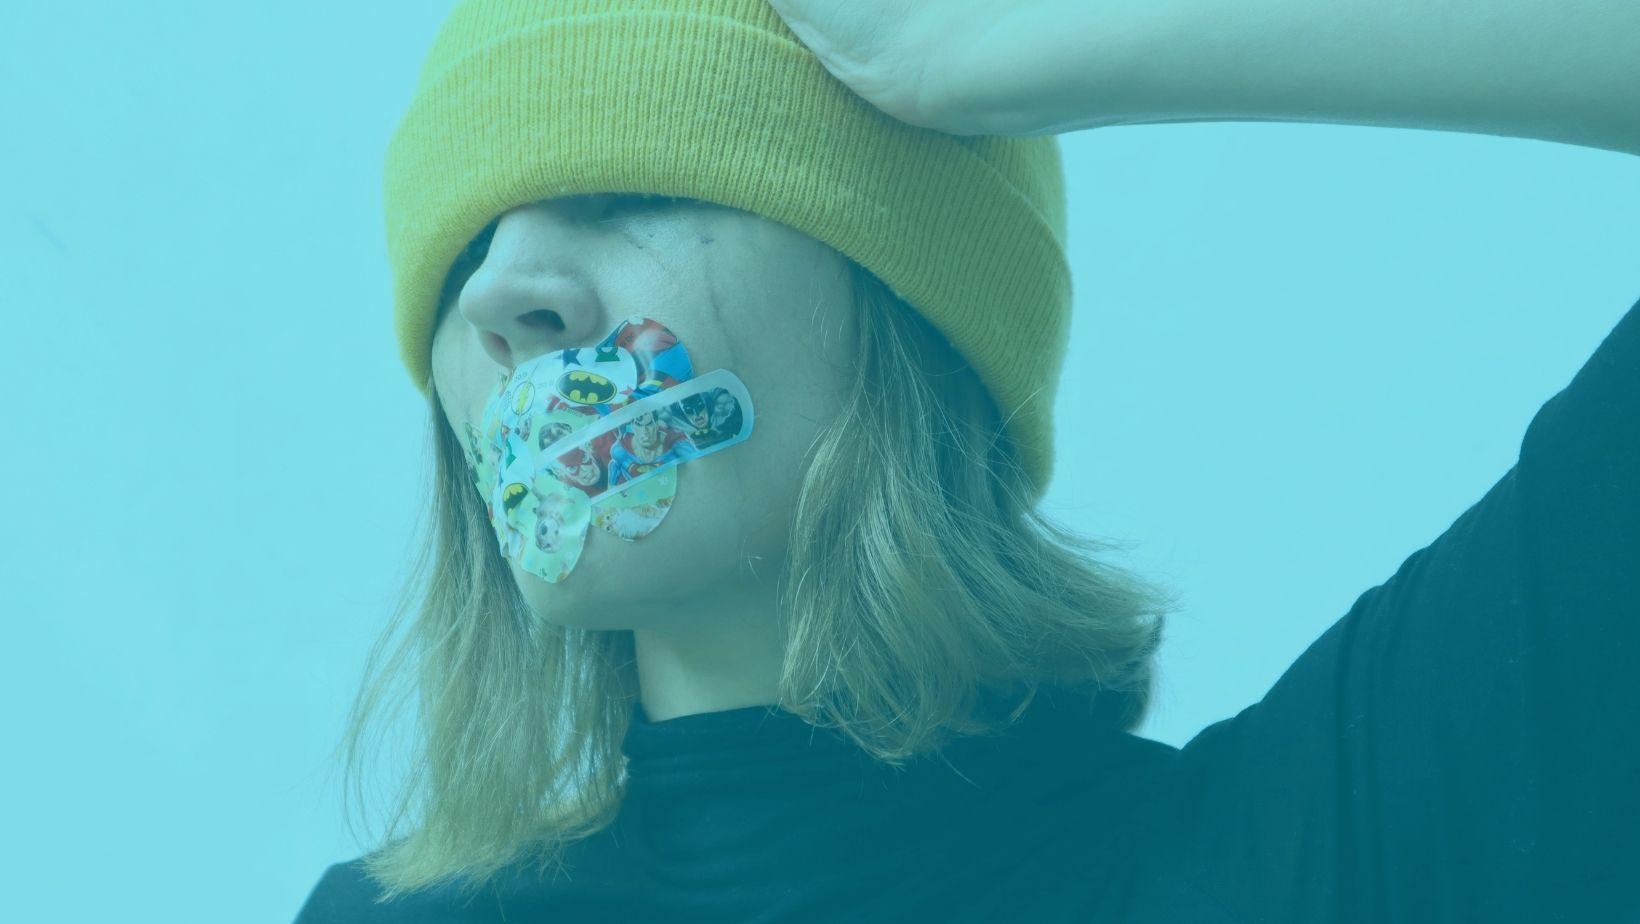 Nainen keltainen pipo päässä. Pipo on silmillä ja naisen suun edessä on laastareita. Hän pitää kädellä kiinni päästään.